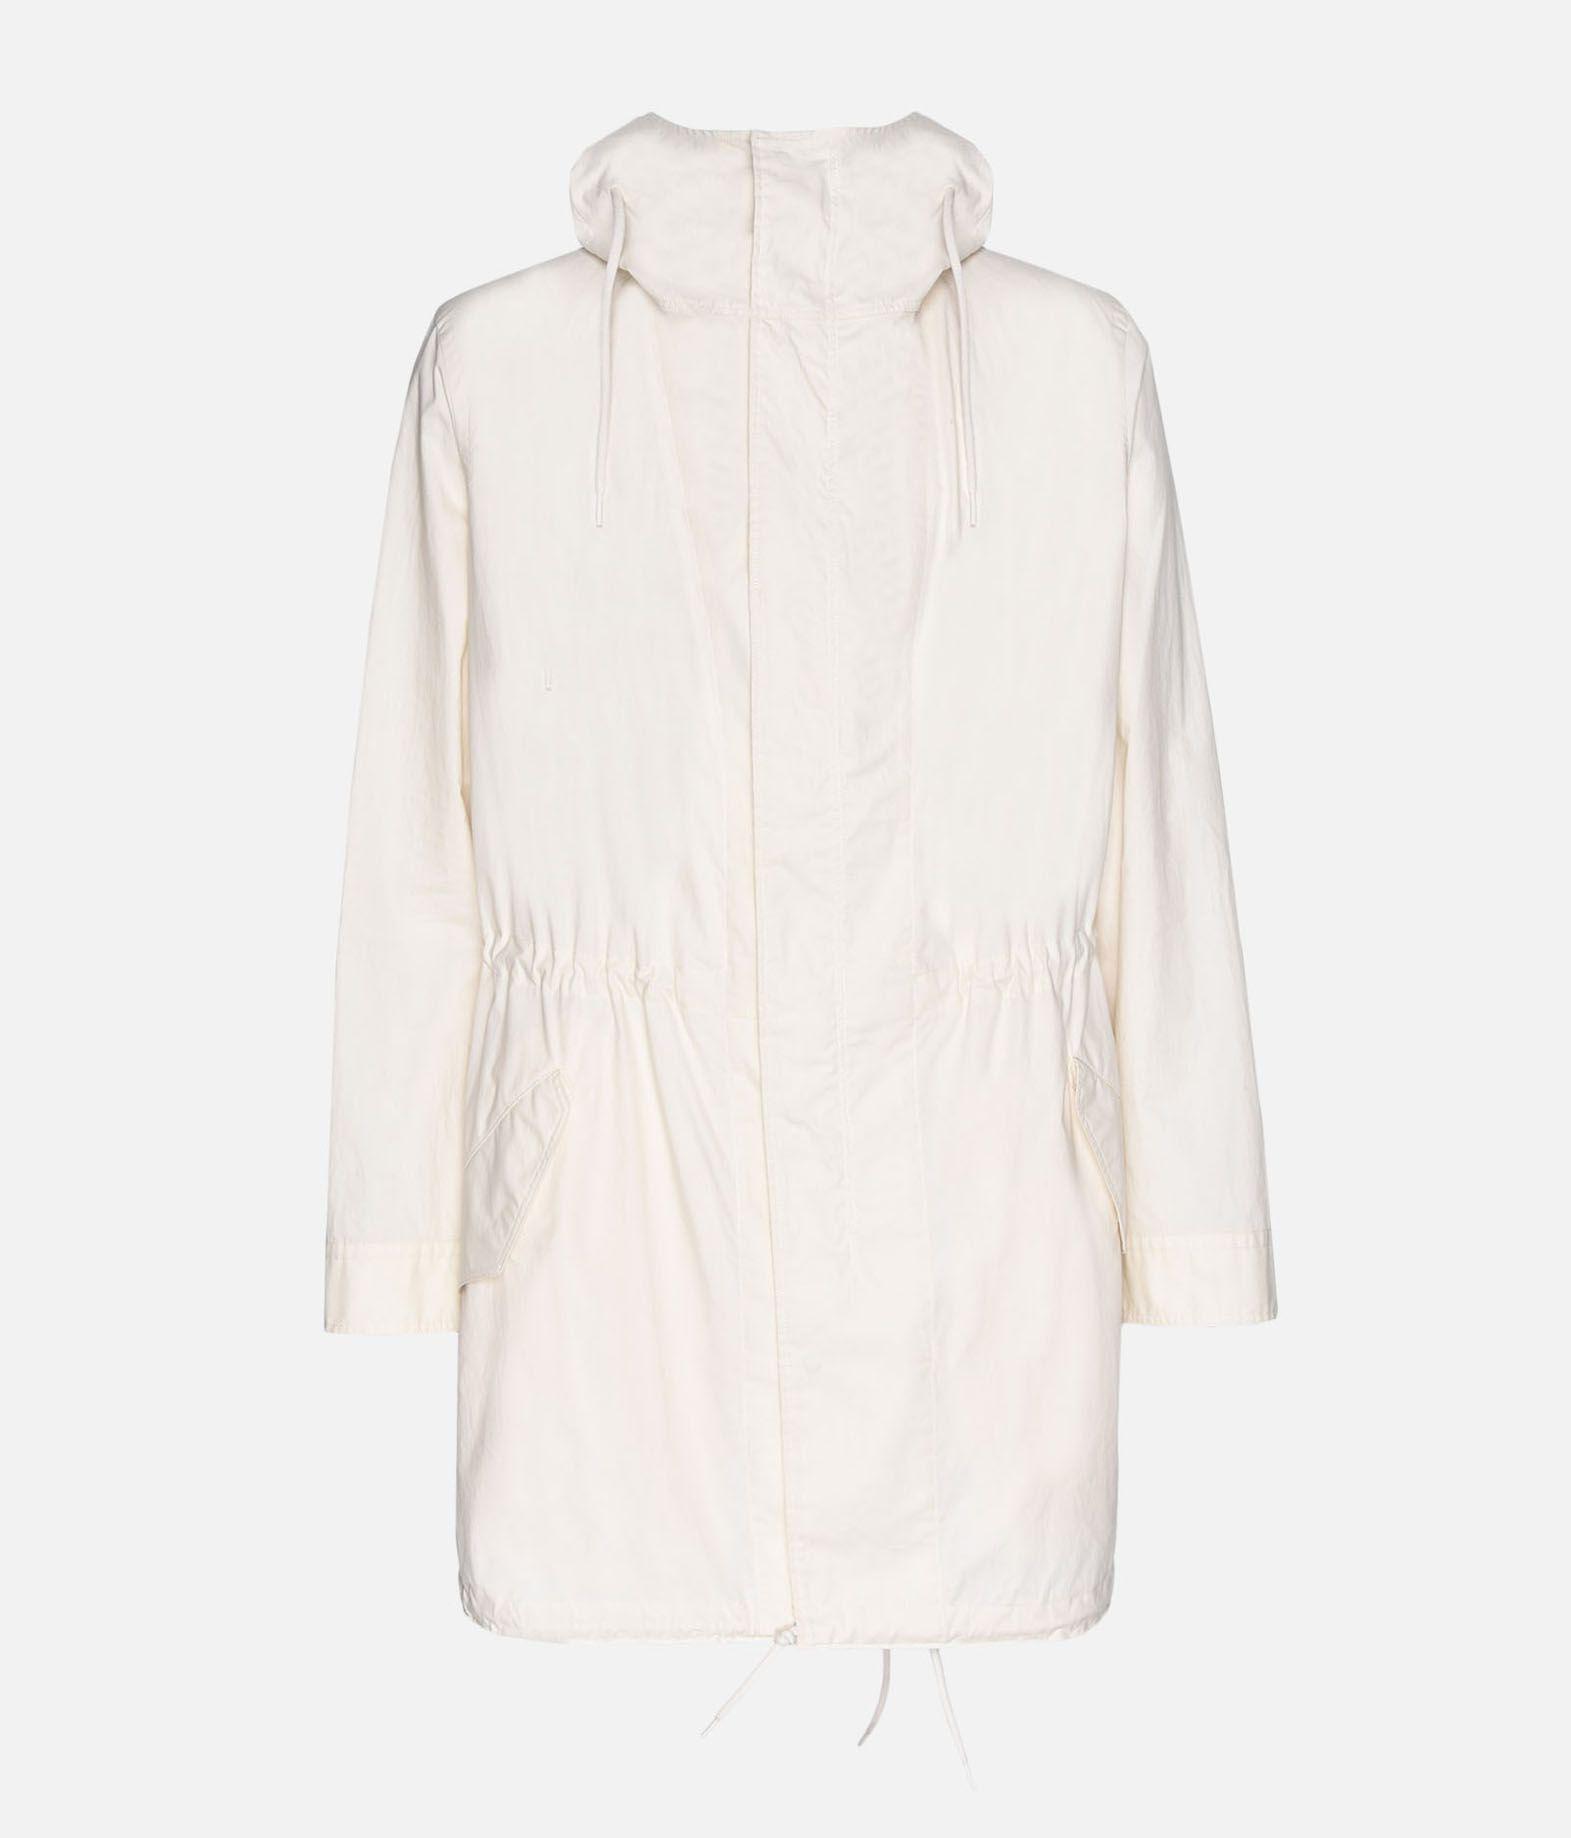 Y-3 Y-3 Mod Parka Shirt Пиджак Для Мужчин f